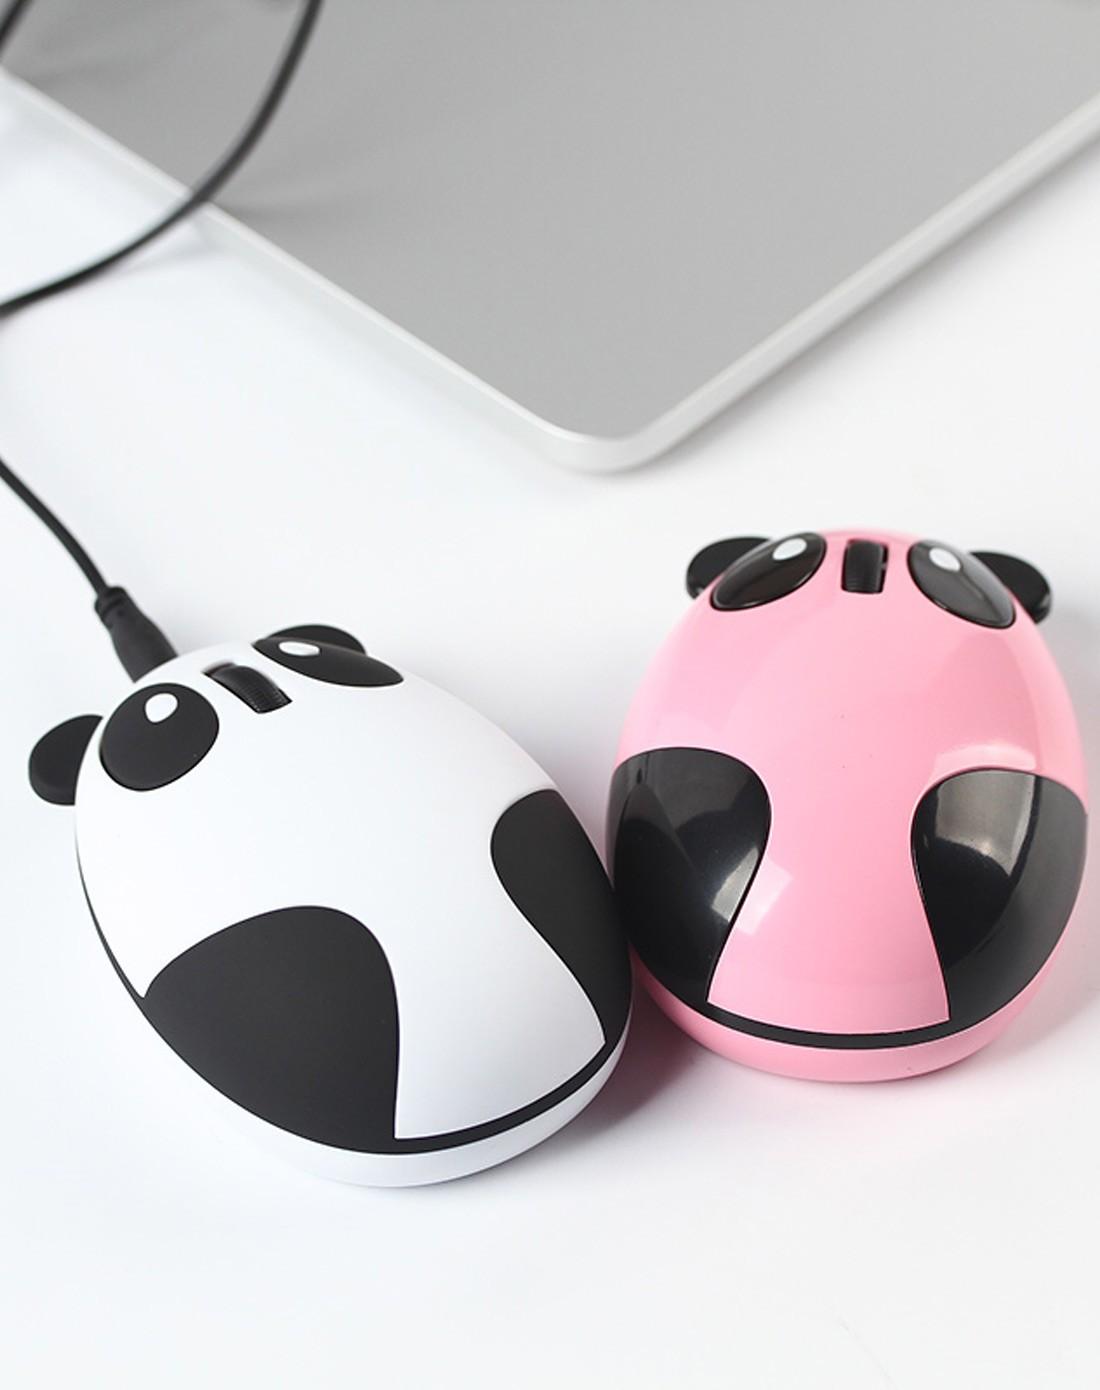 (珠光粉)创意usb无线熊猫鼠标